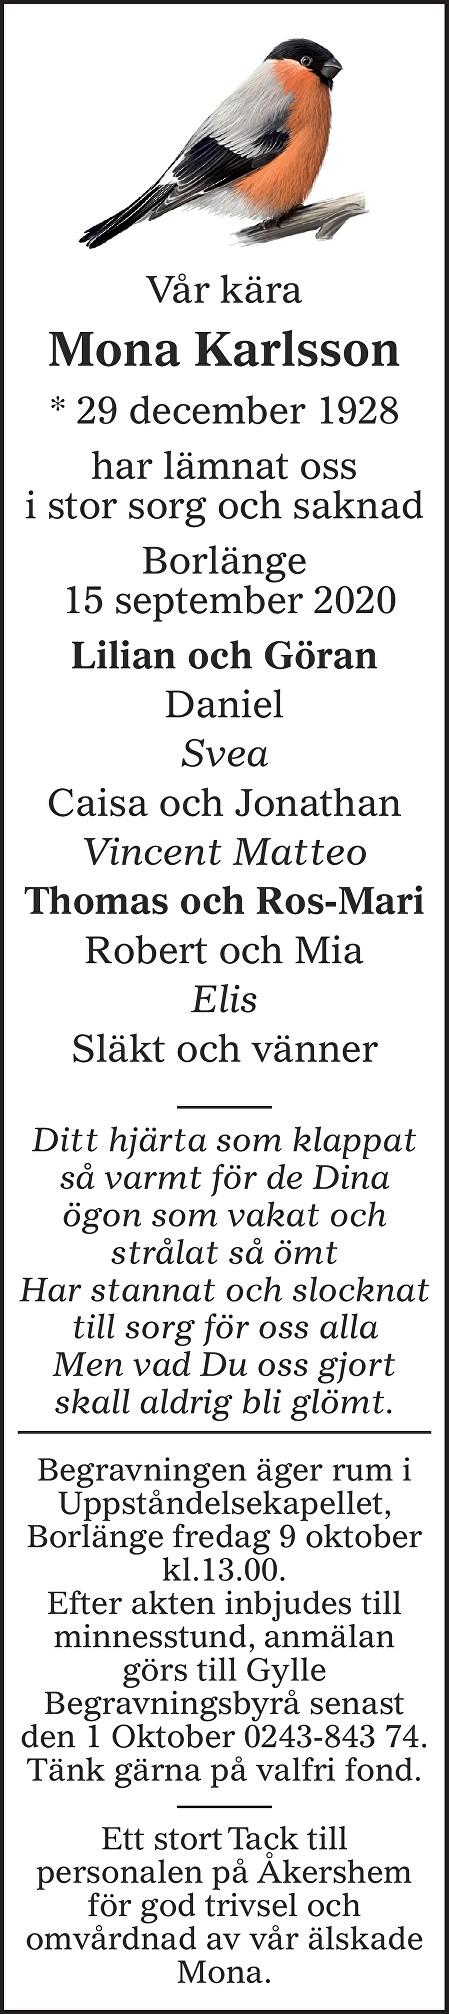 Mona Karlsson Death notice